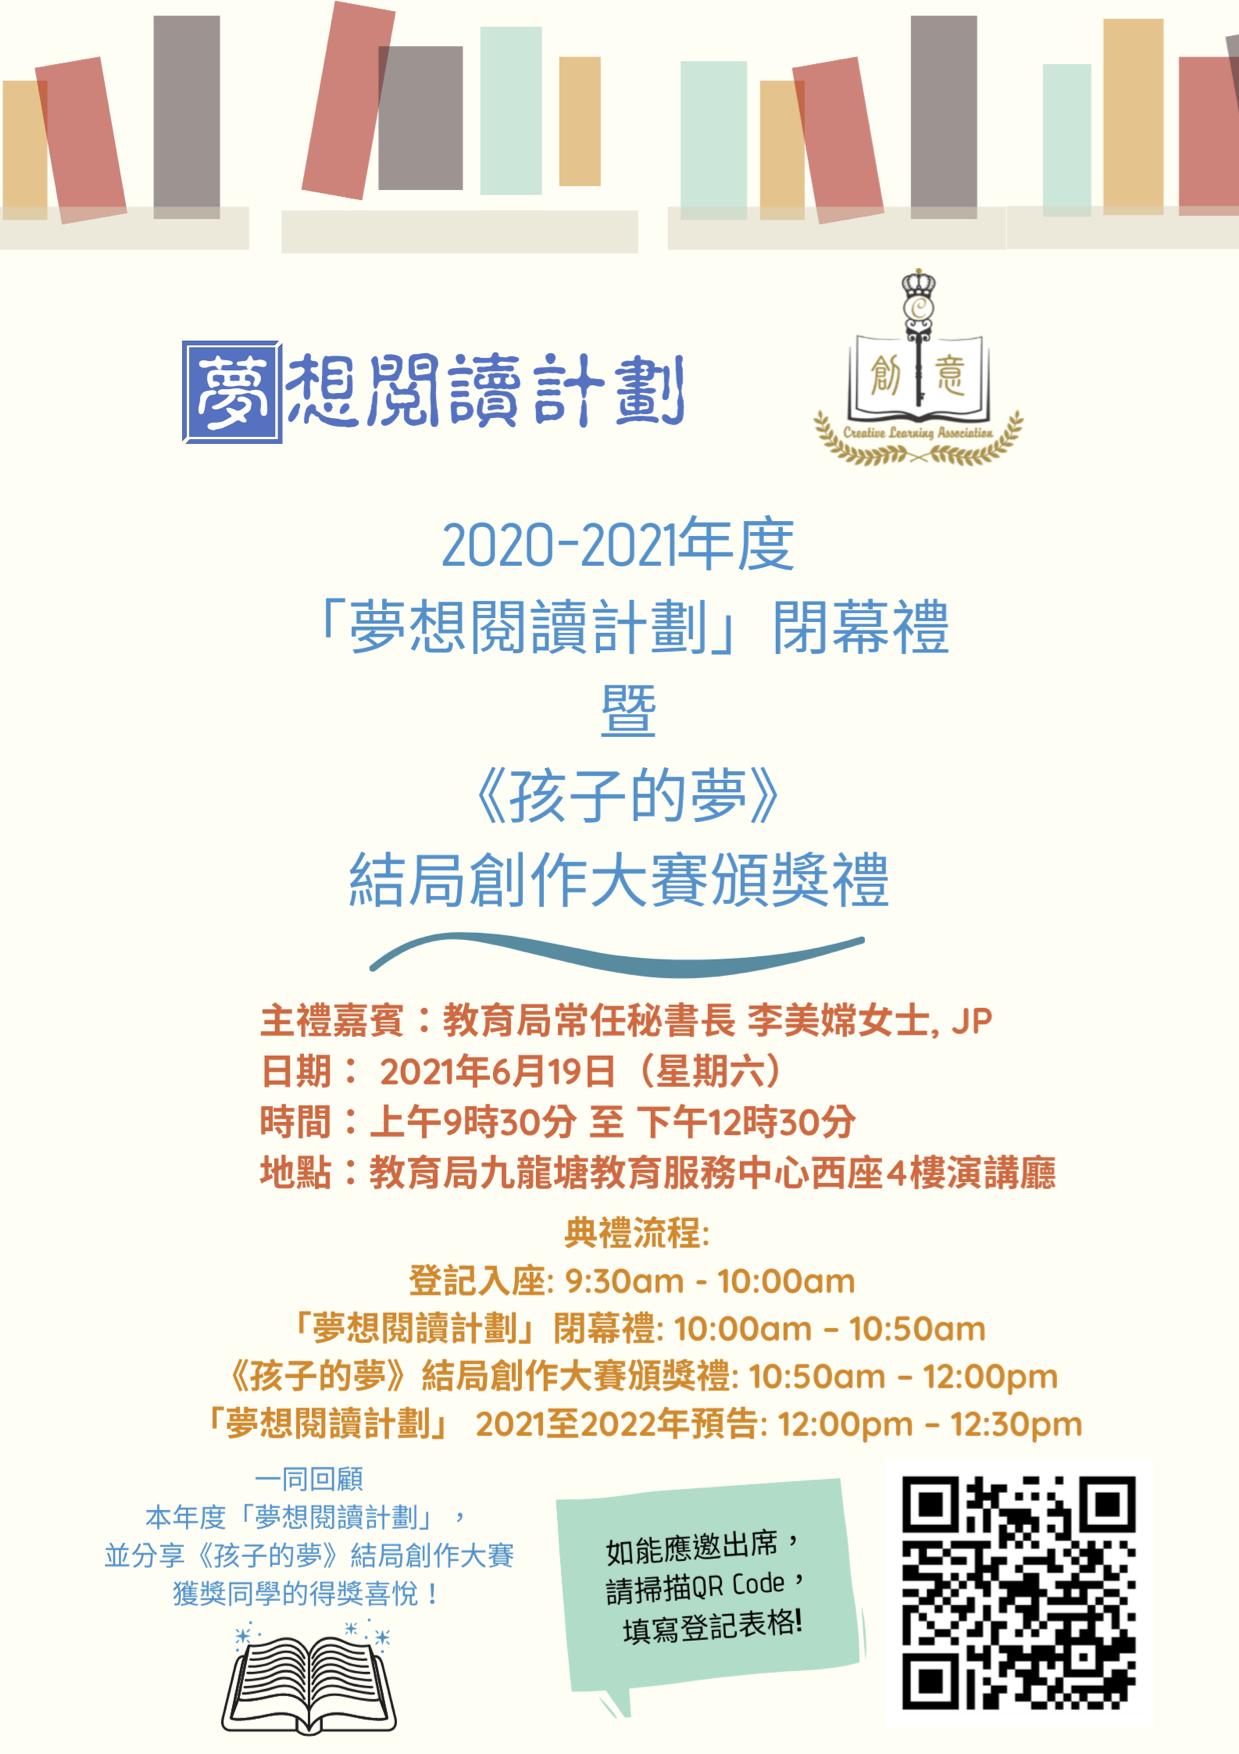 2020-2021年度「夢想閱讀計劃」閉幕禮 暨 《孩子的夢》結局創作大賽頒獎禮